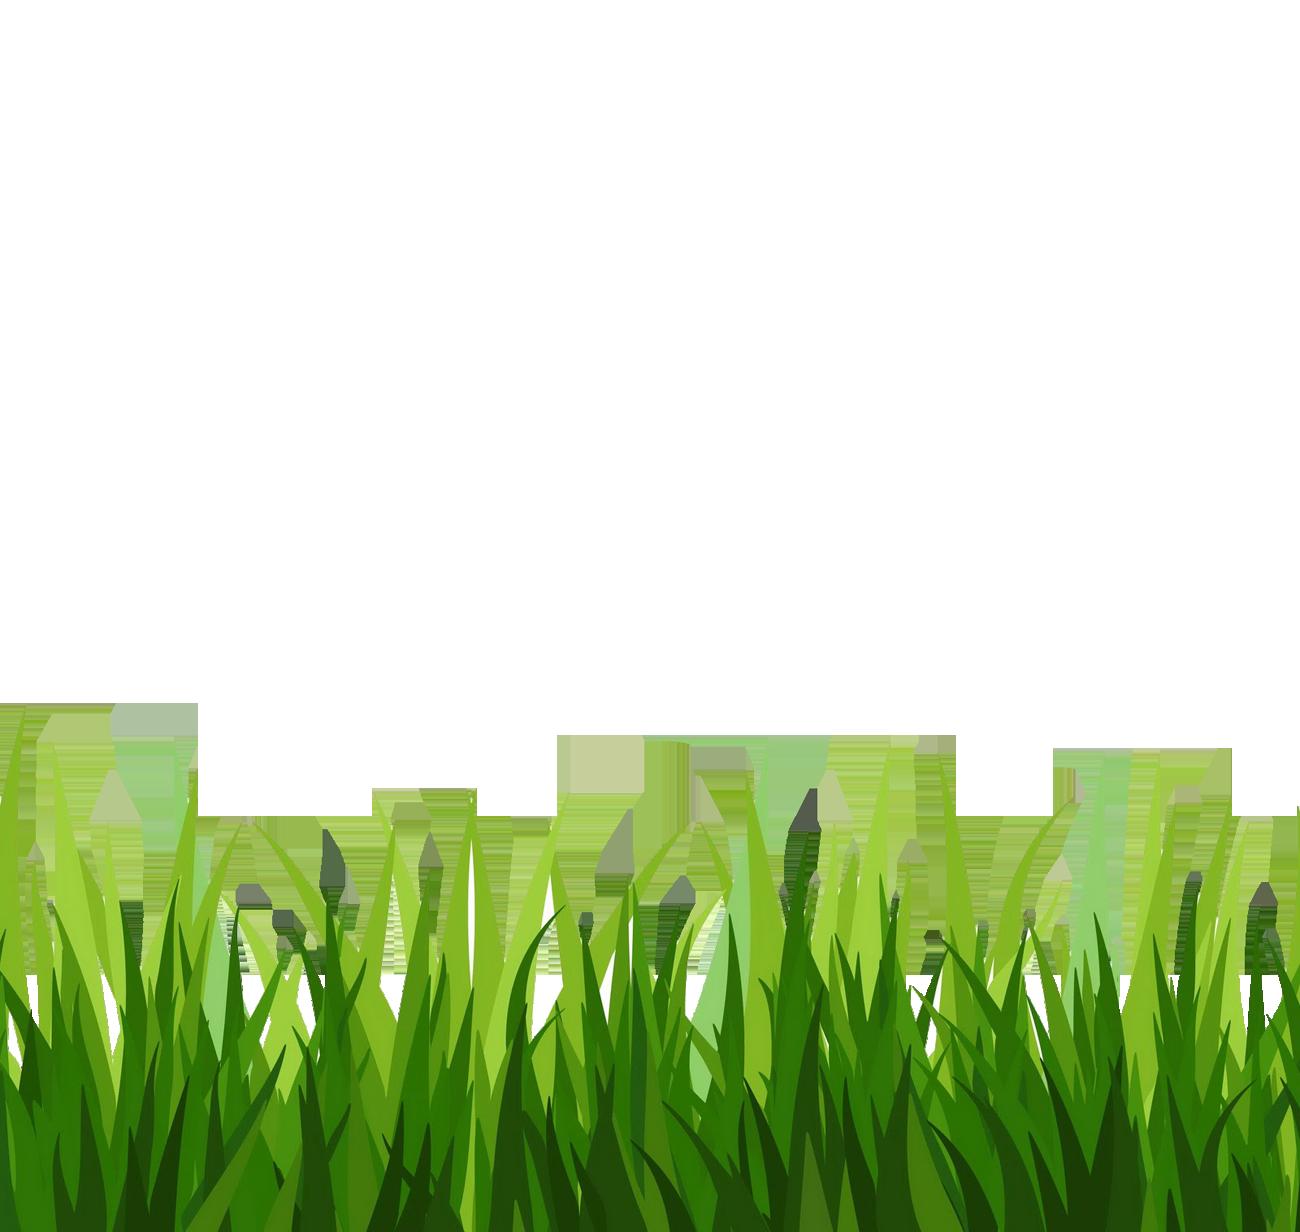 related image grass clipart grass grass vector grass clipart grass grass vector